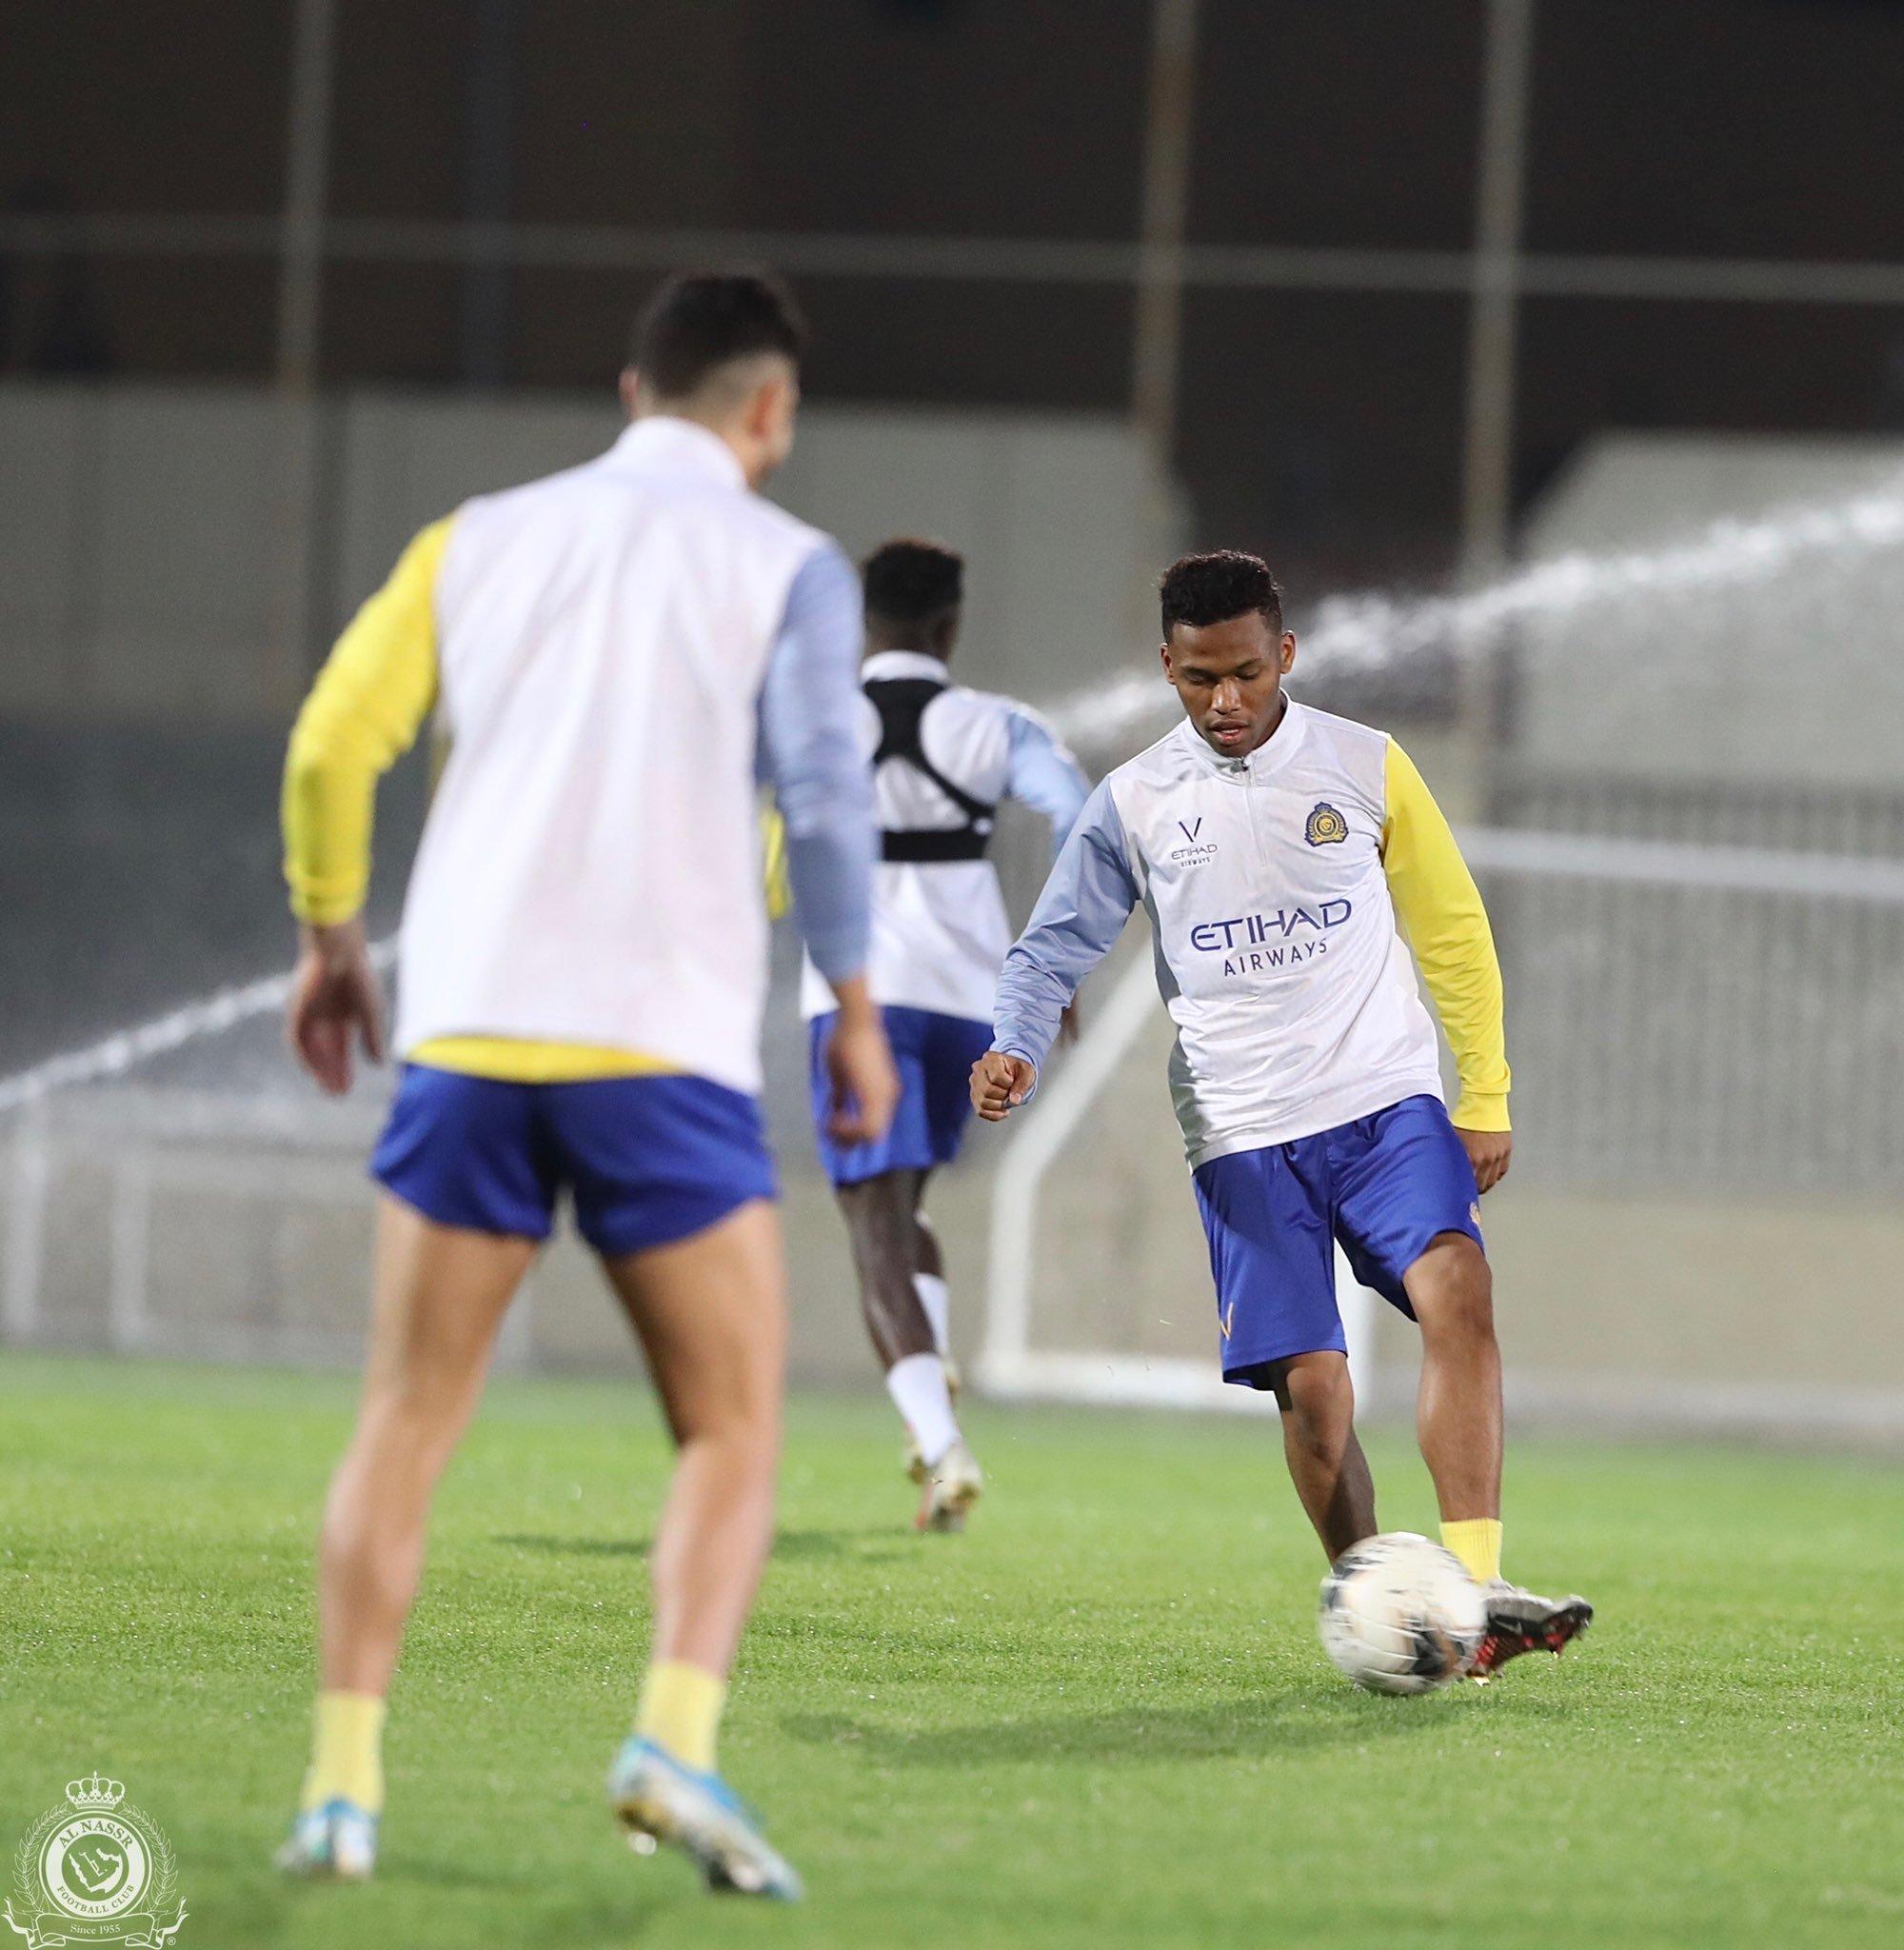 10 مشاهد من تدريبات النصر السعودي الأخيرة فى معسكر الإمارات (7)